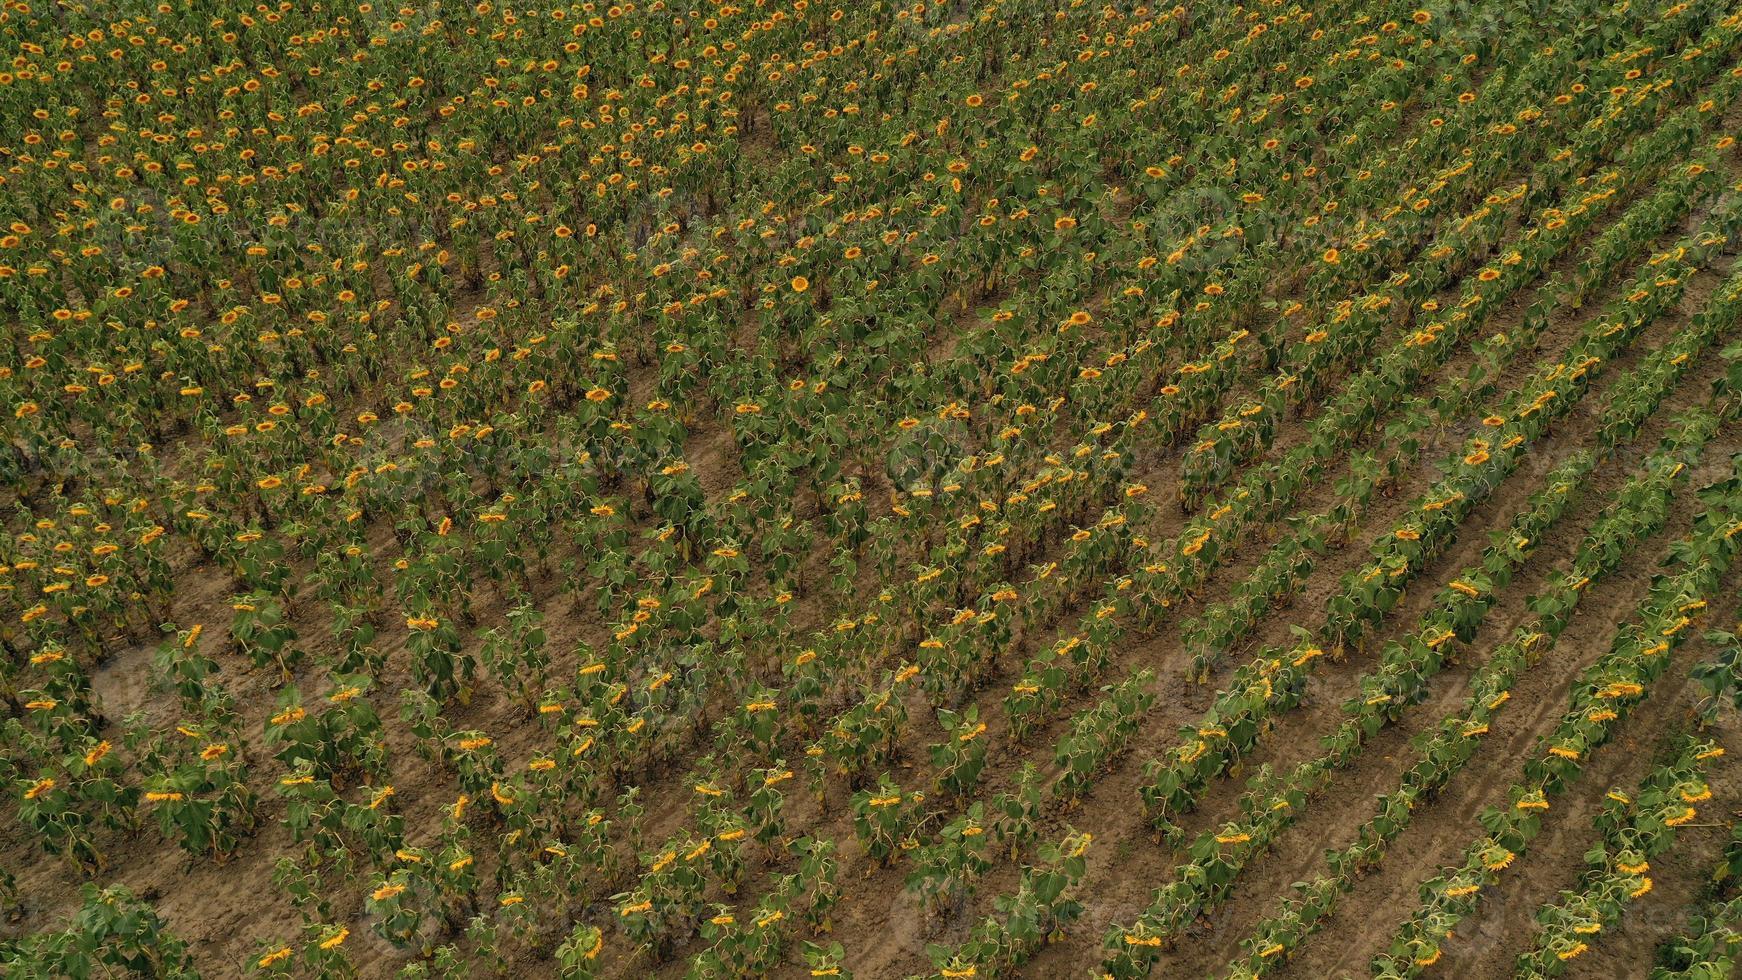 luchtfoto van een groot zonnebloemveld dat bloeit met een prachtige gouden kleur. foto